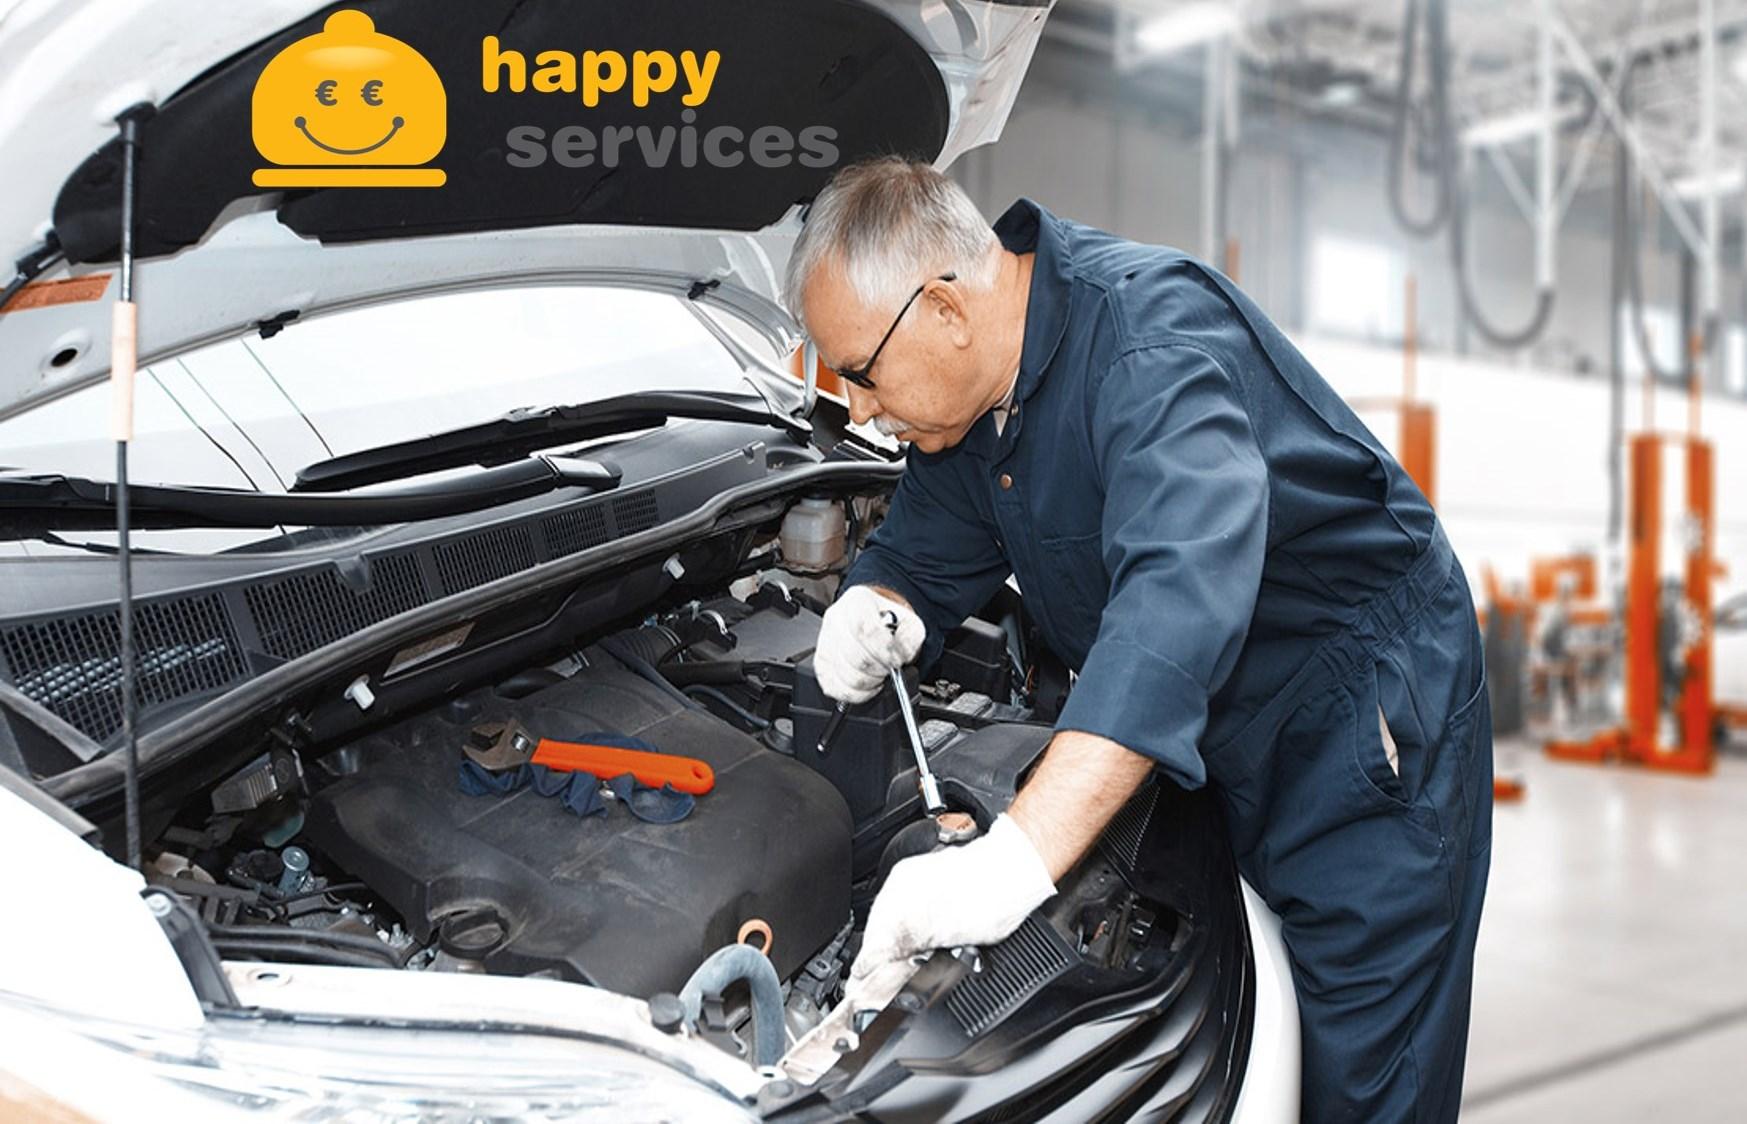 Από 29€ για Γενικό Service Αυτοκινήτου & Πλήρη Έλεγχο 21 σημείων, στο συνεργείο ''AutoService Κουρκουλάκος'' στη Νέα Φιλαδέλφεια εικόνα